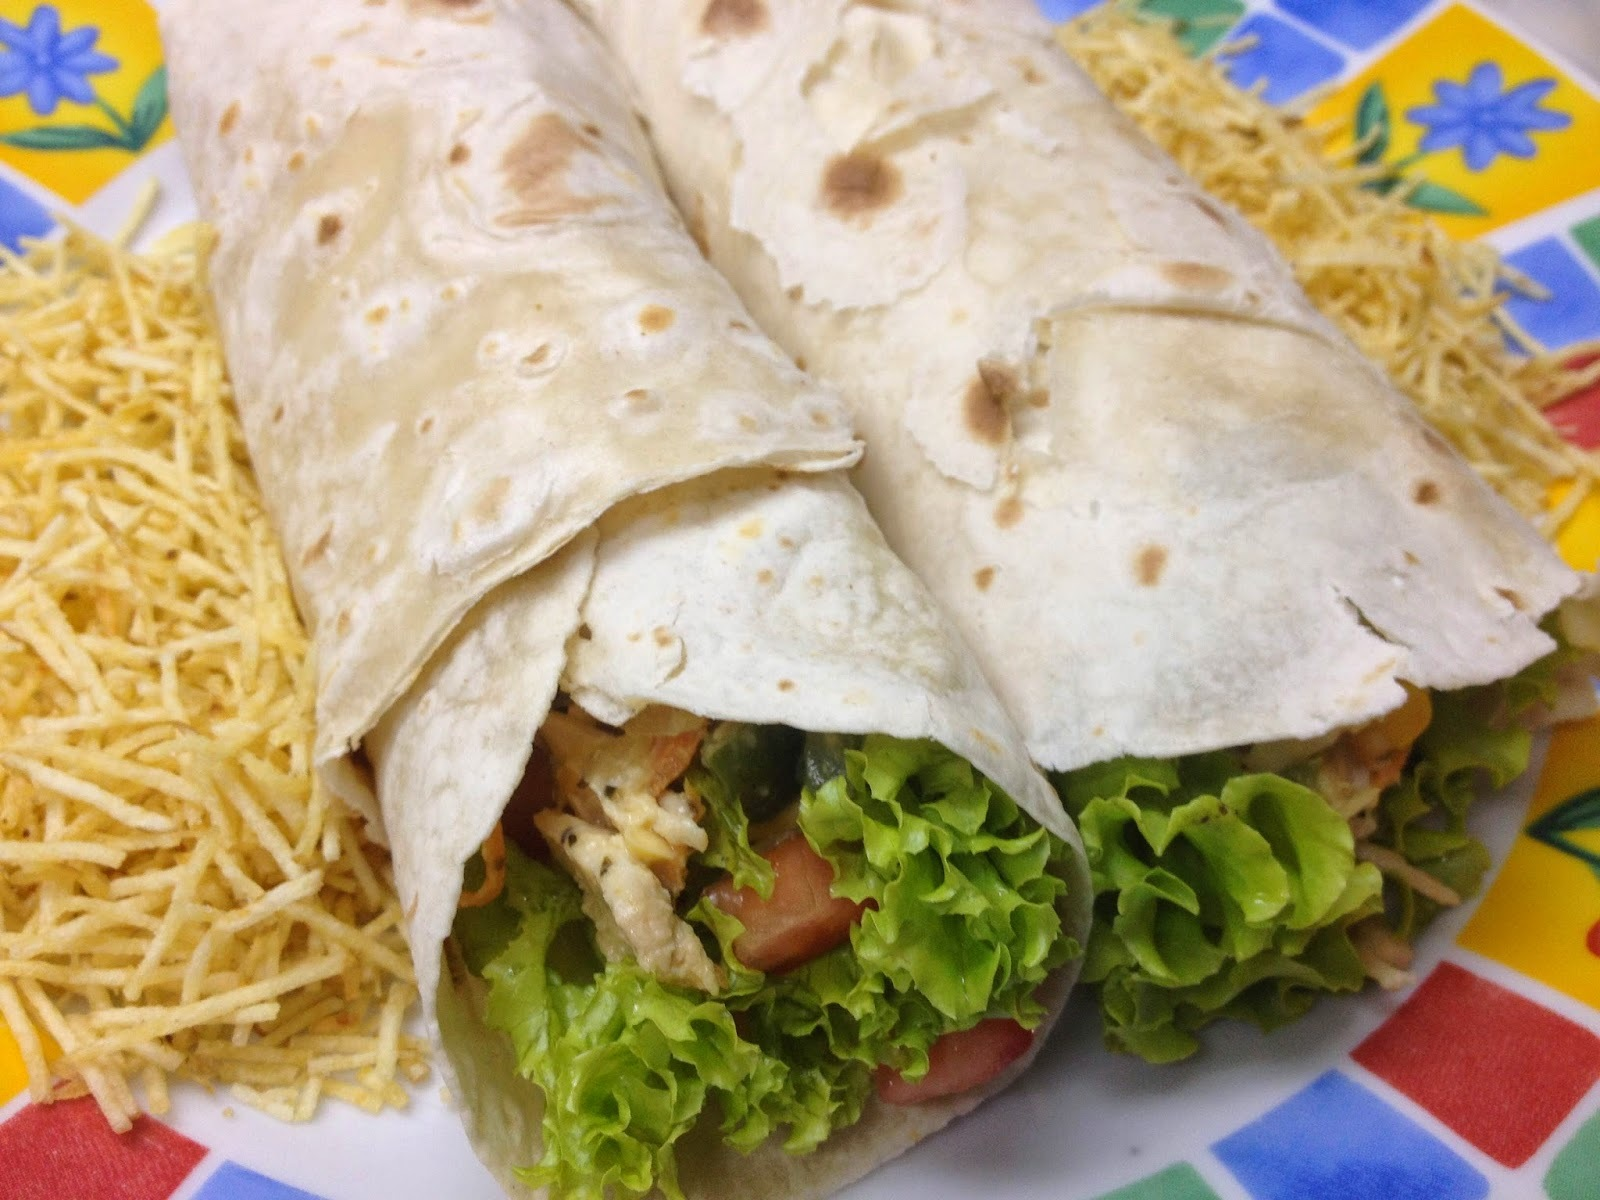 Wrap fetio com Rap 10: Prático e Saboroso! Faça seu recheio de frango ou carne ou vegetariano e use a salada que desejar!